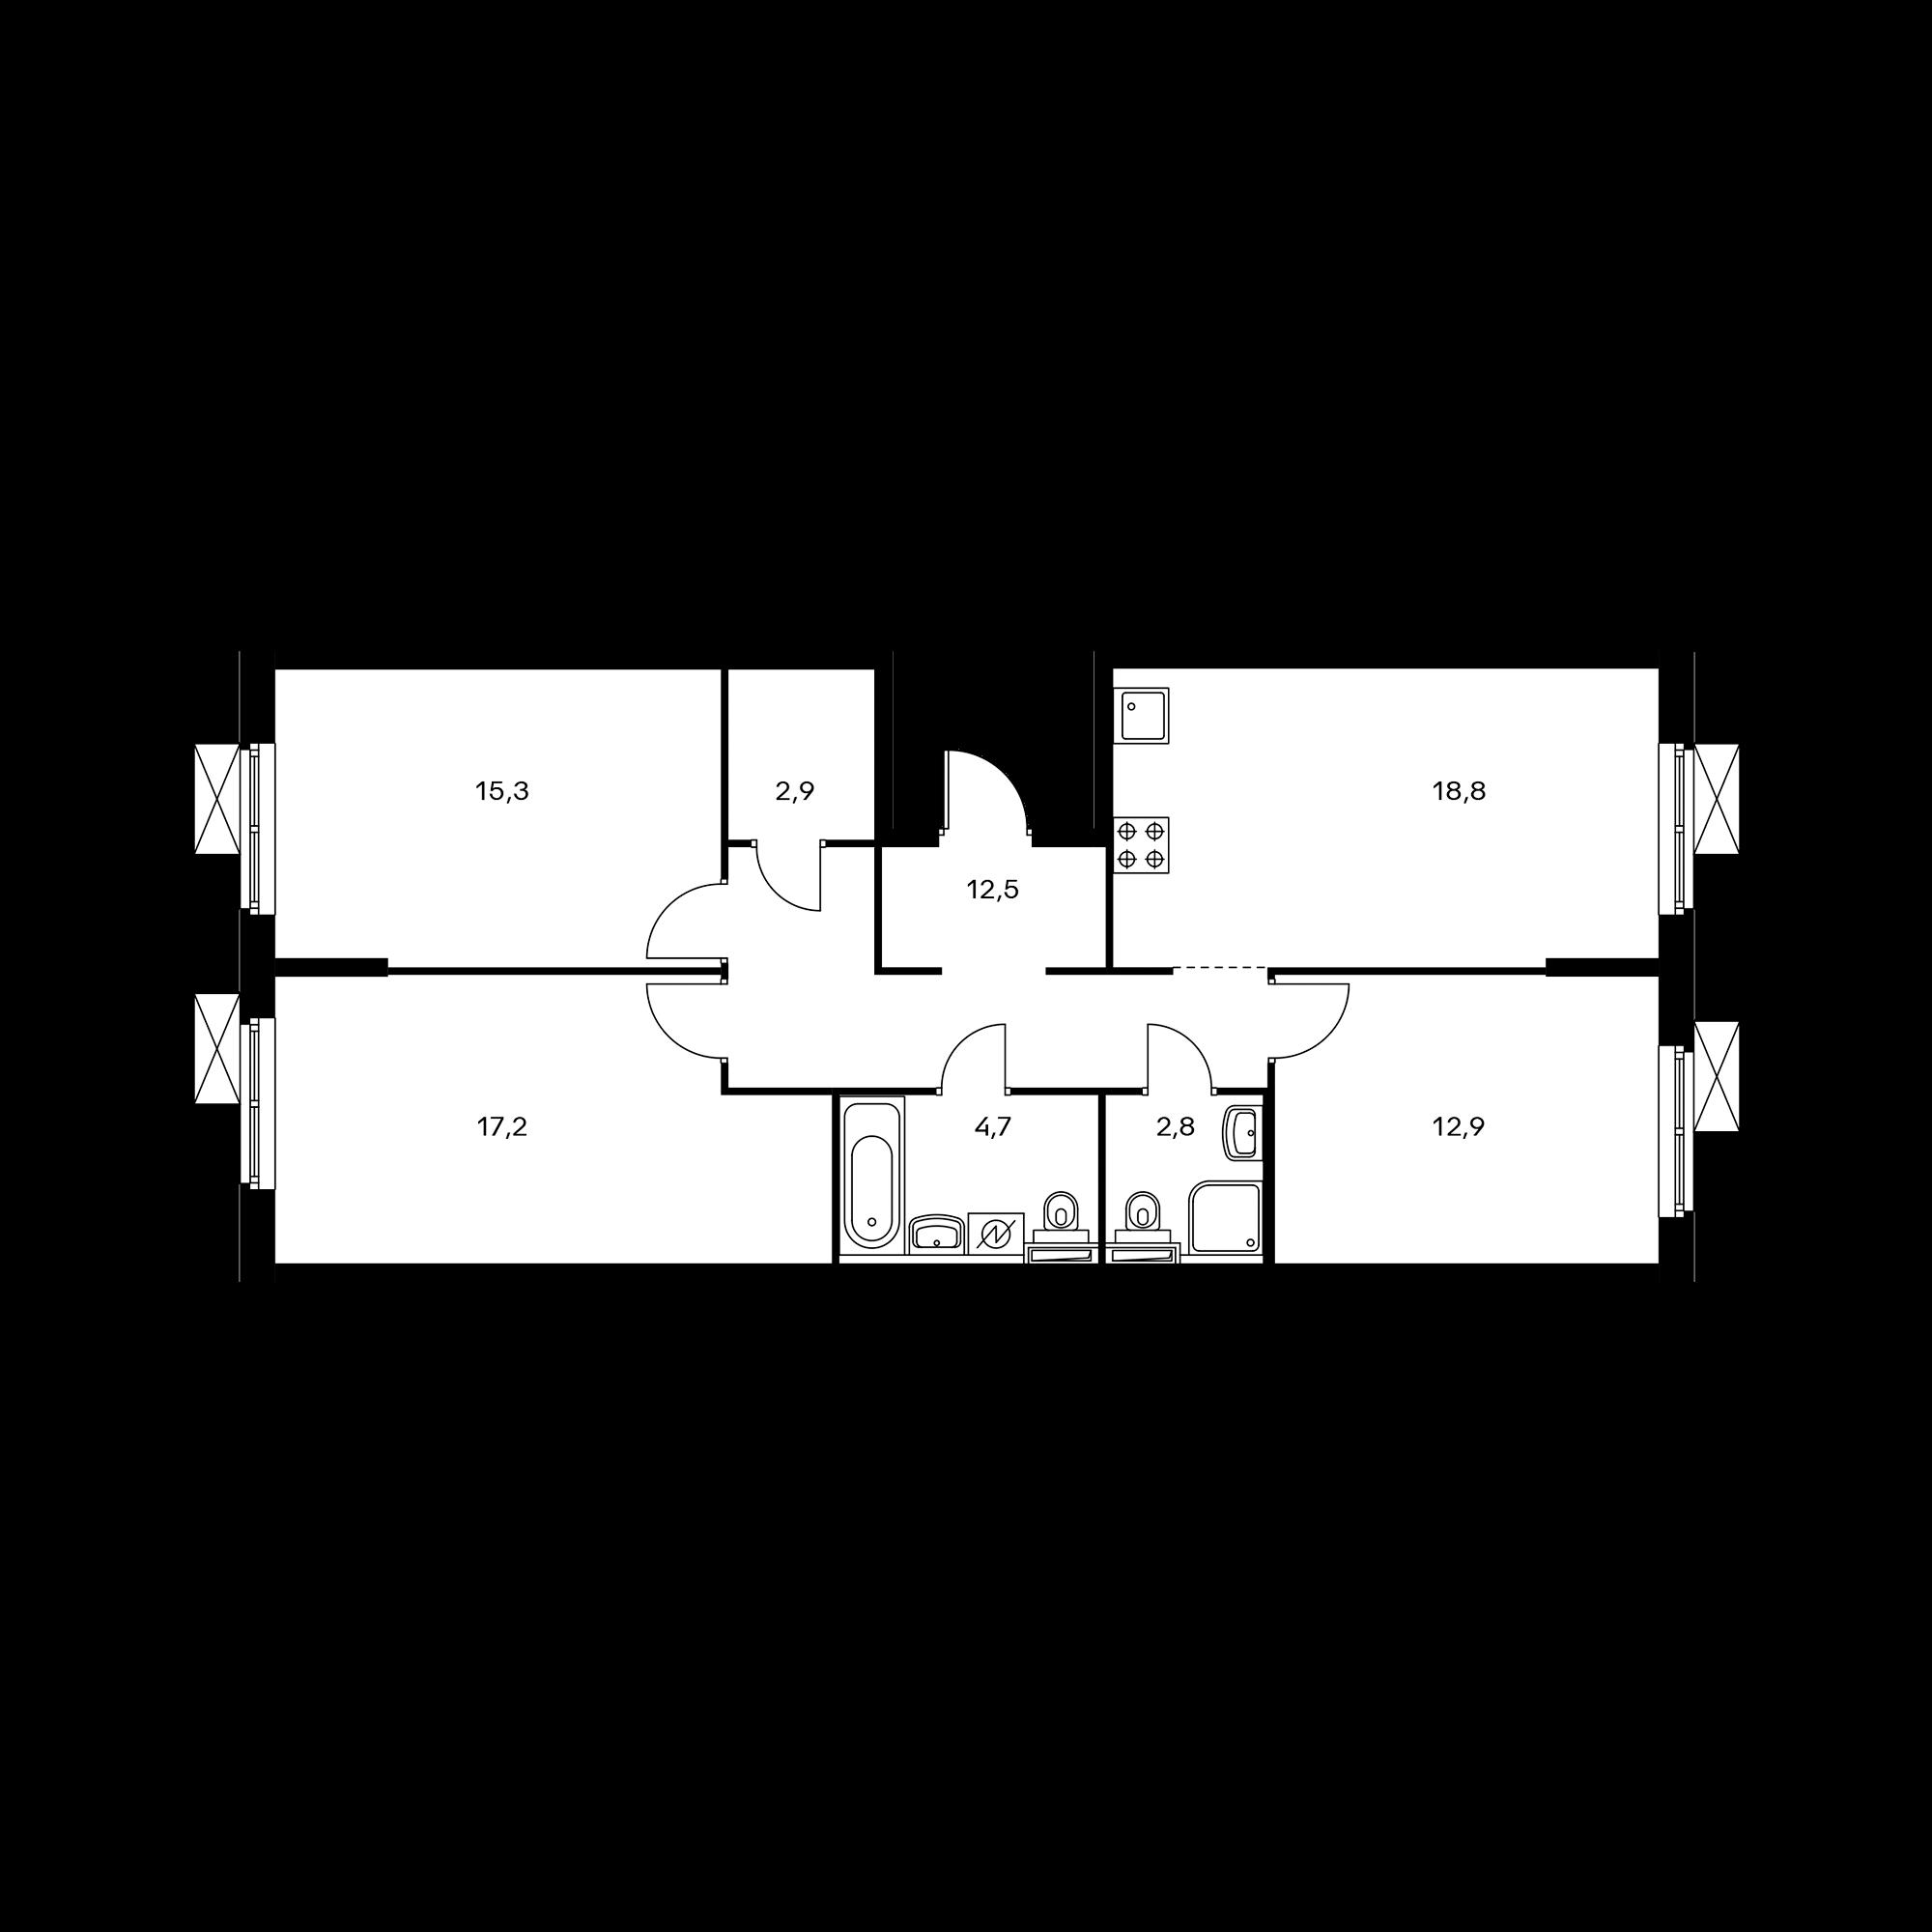 3EL5_6.6-1_S_Z